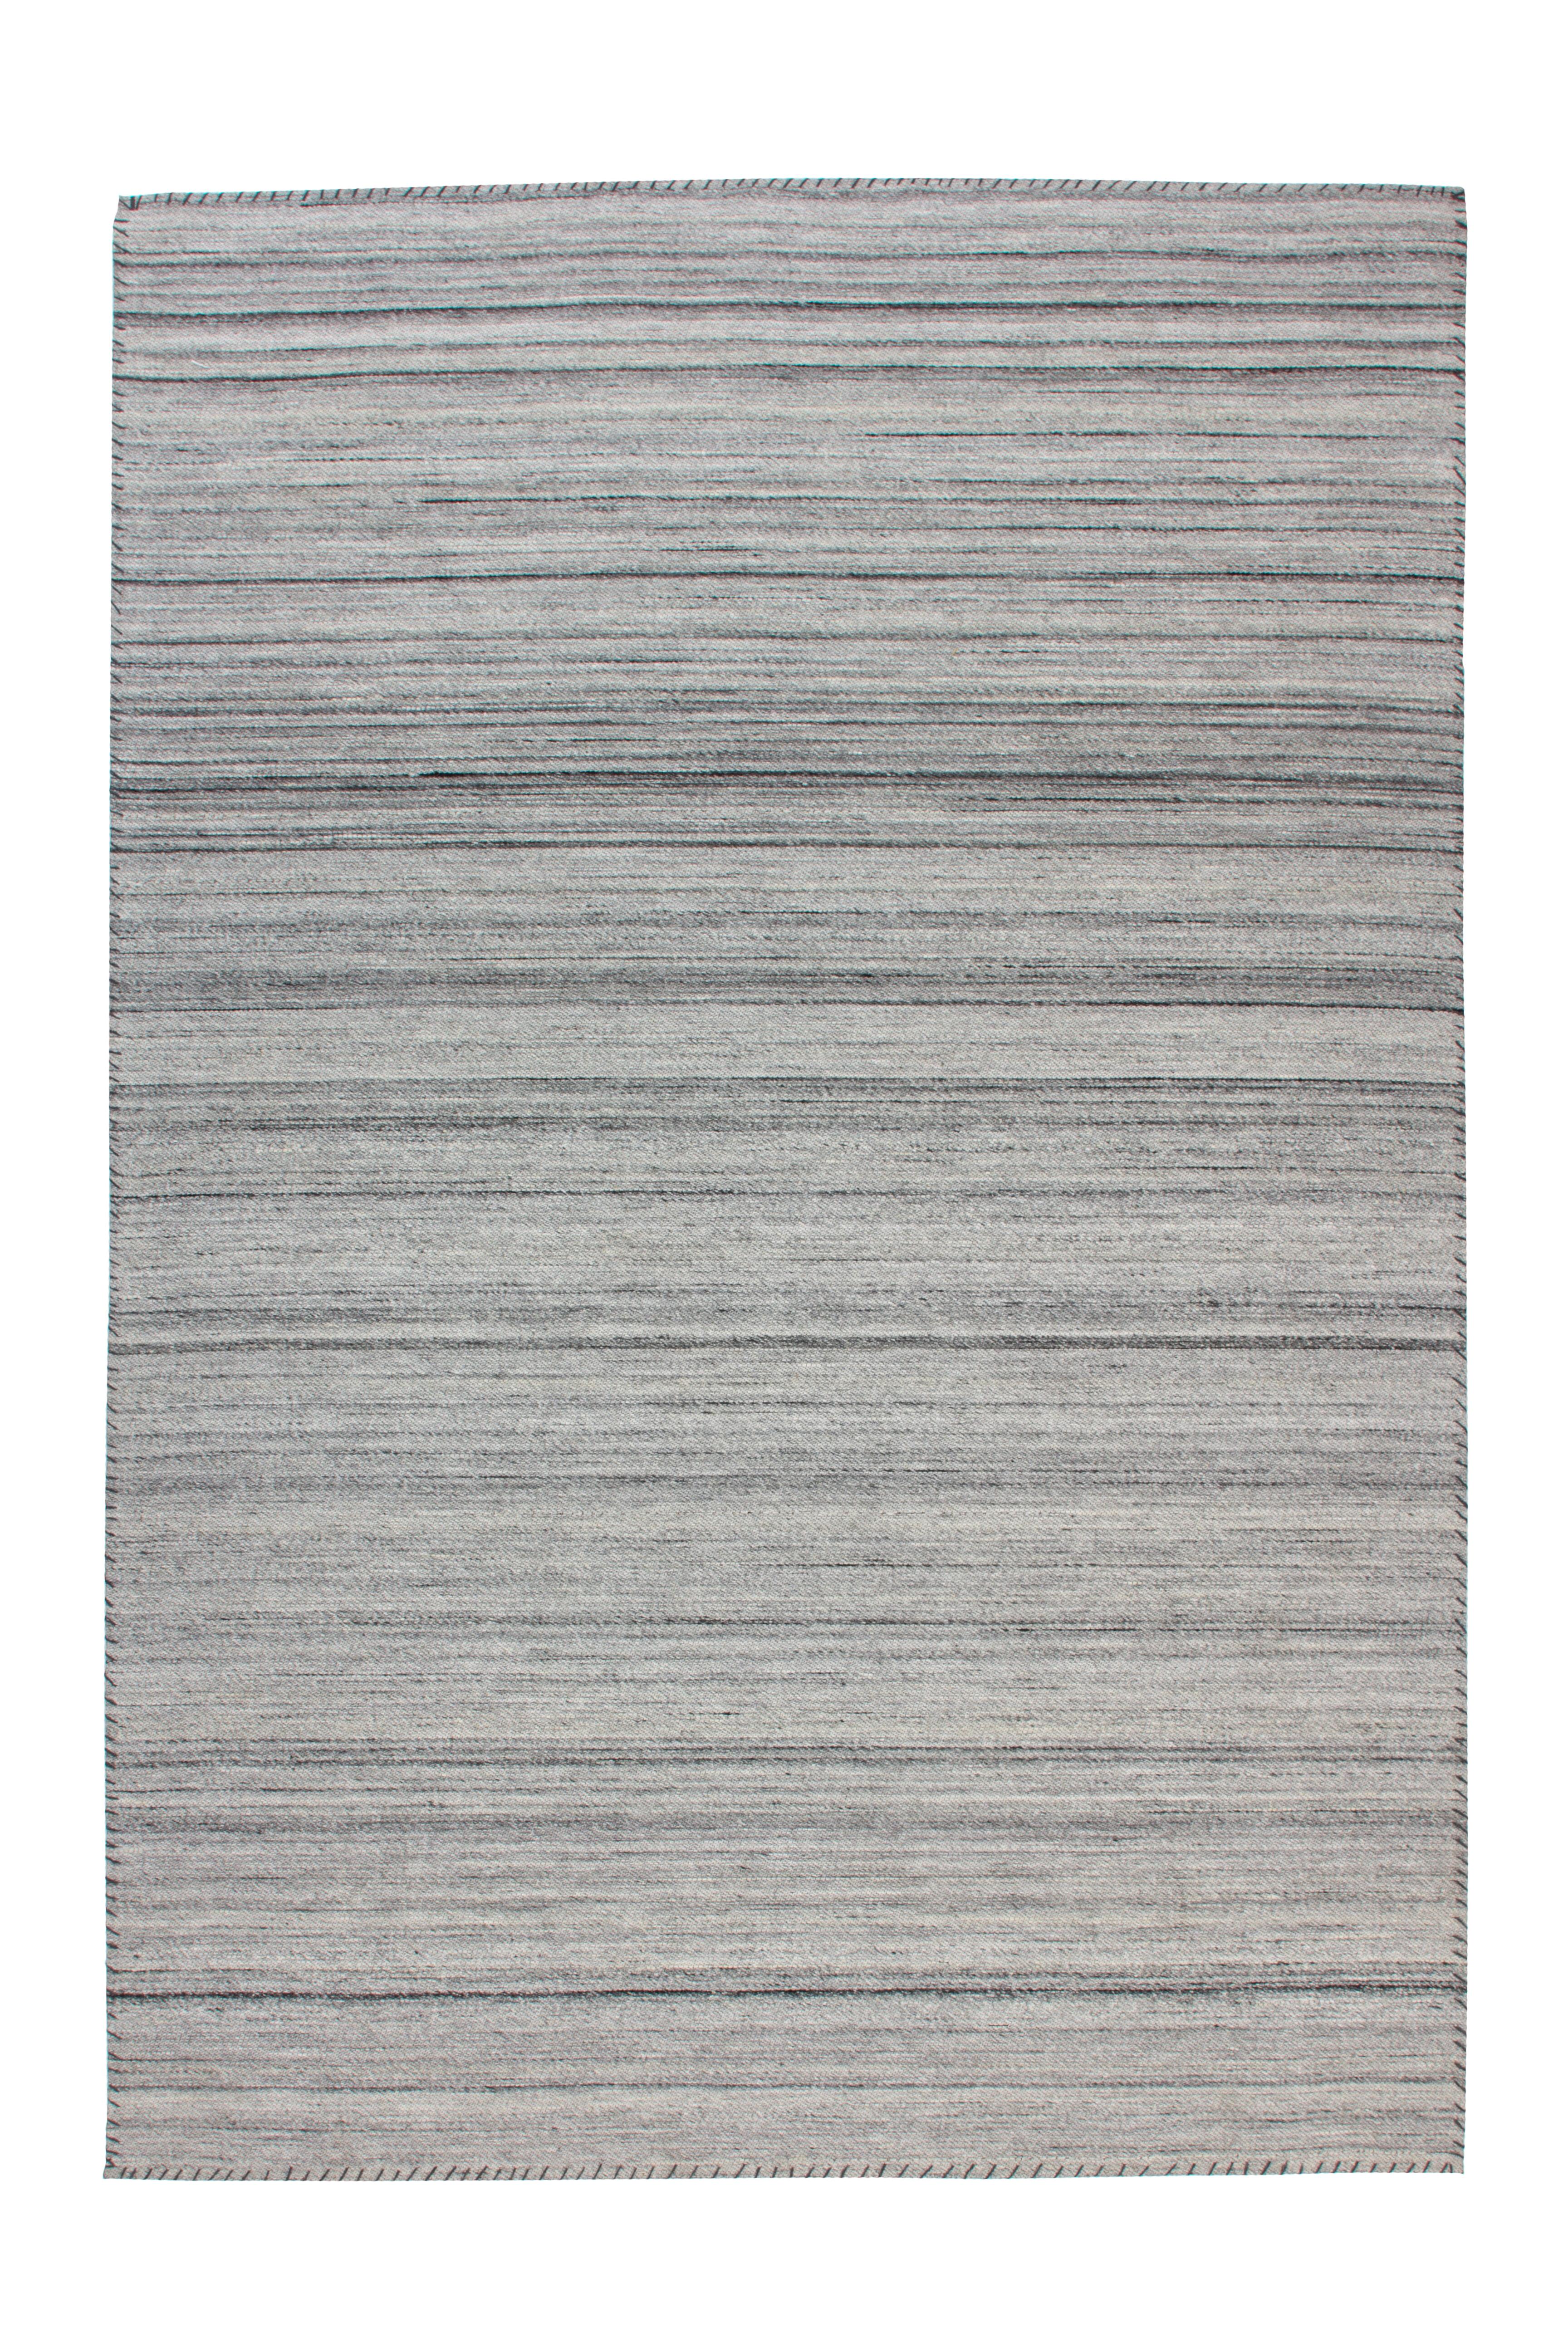 Kayoom Vloerkleed 'Phoenix 210' kleur Grijs, 160 x 230cm